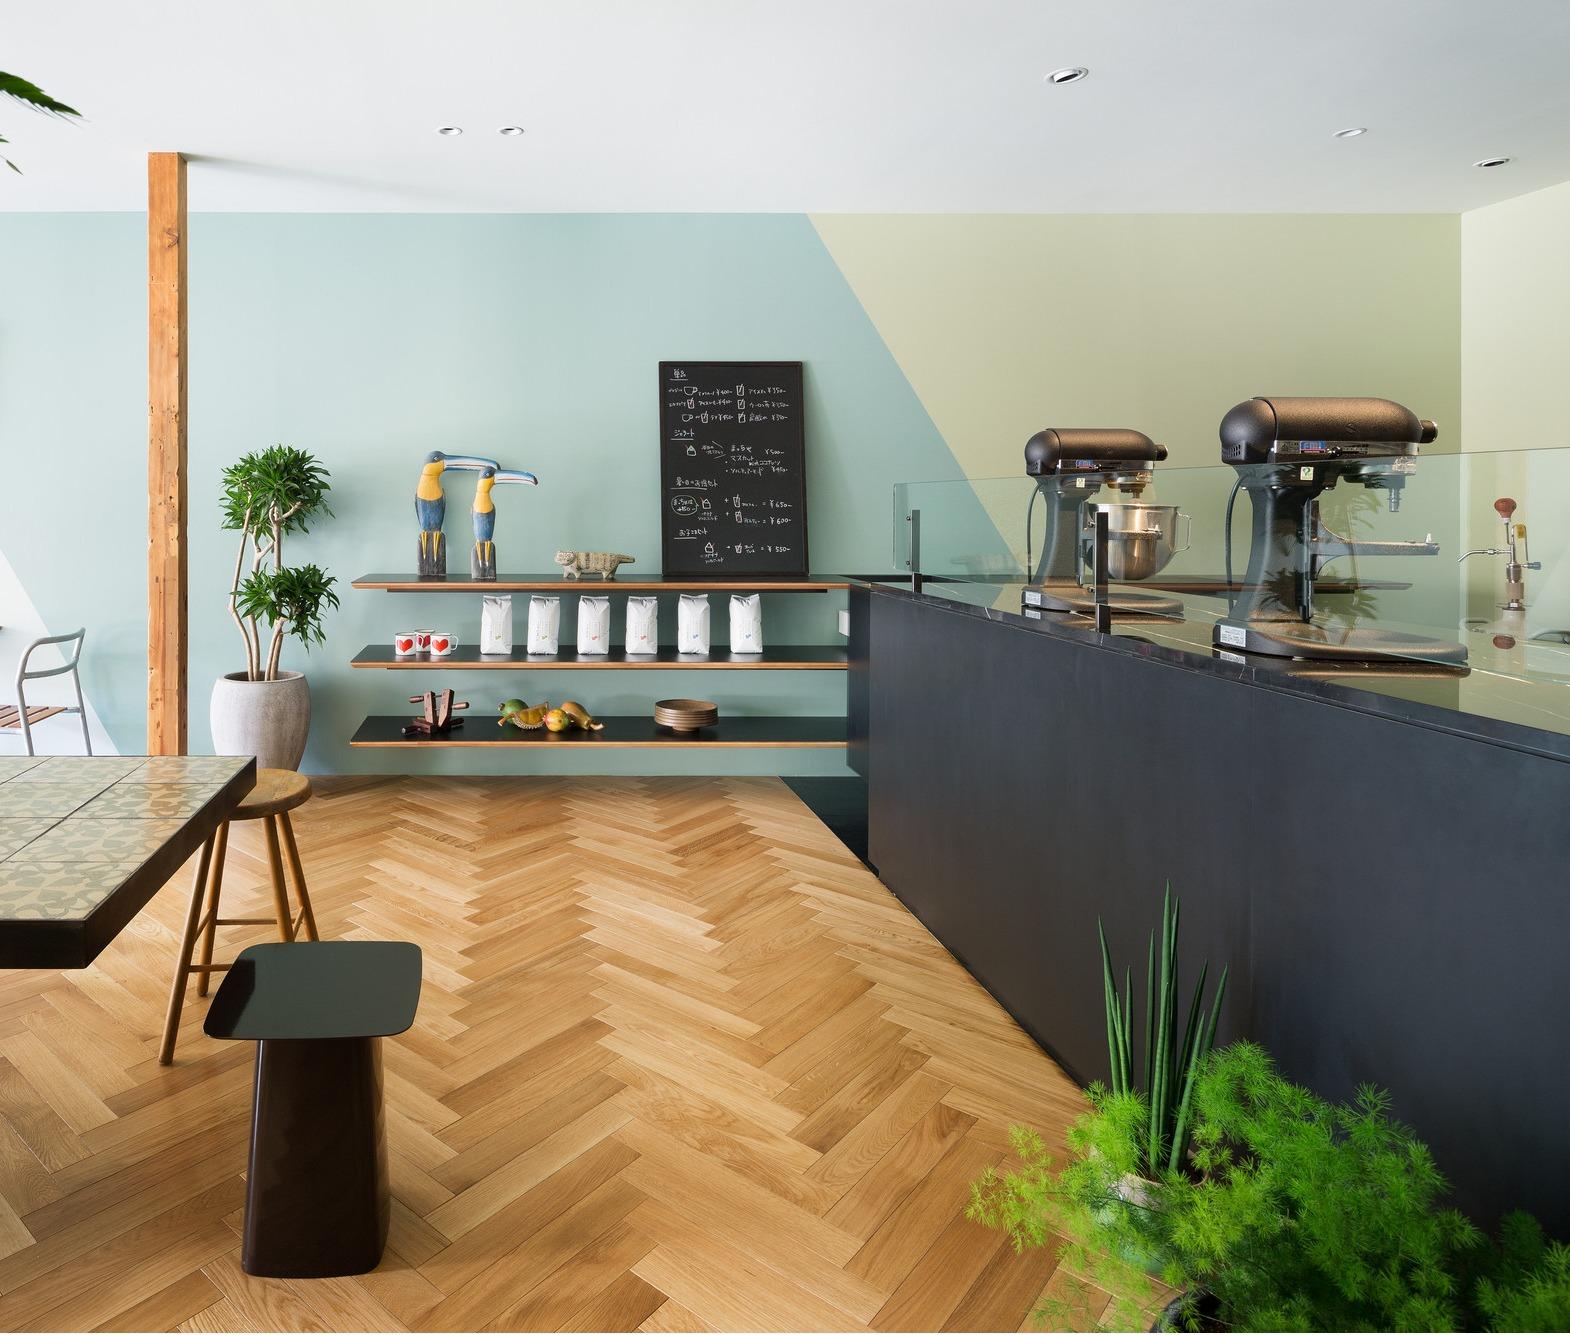 甜品店装饰室内精装空间设计软装搭配店面形象设计饮品店设计装修